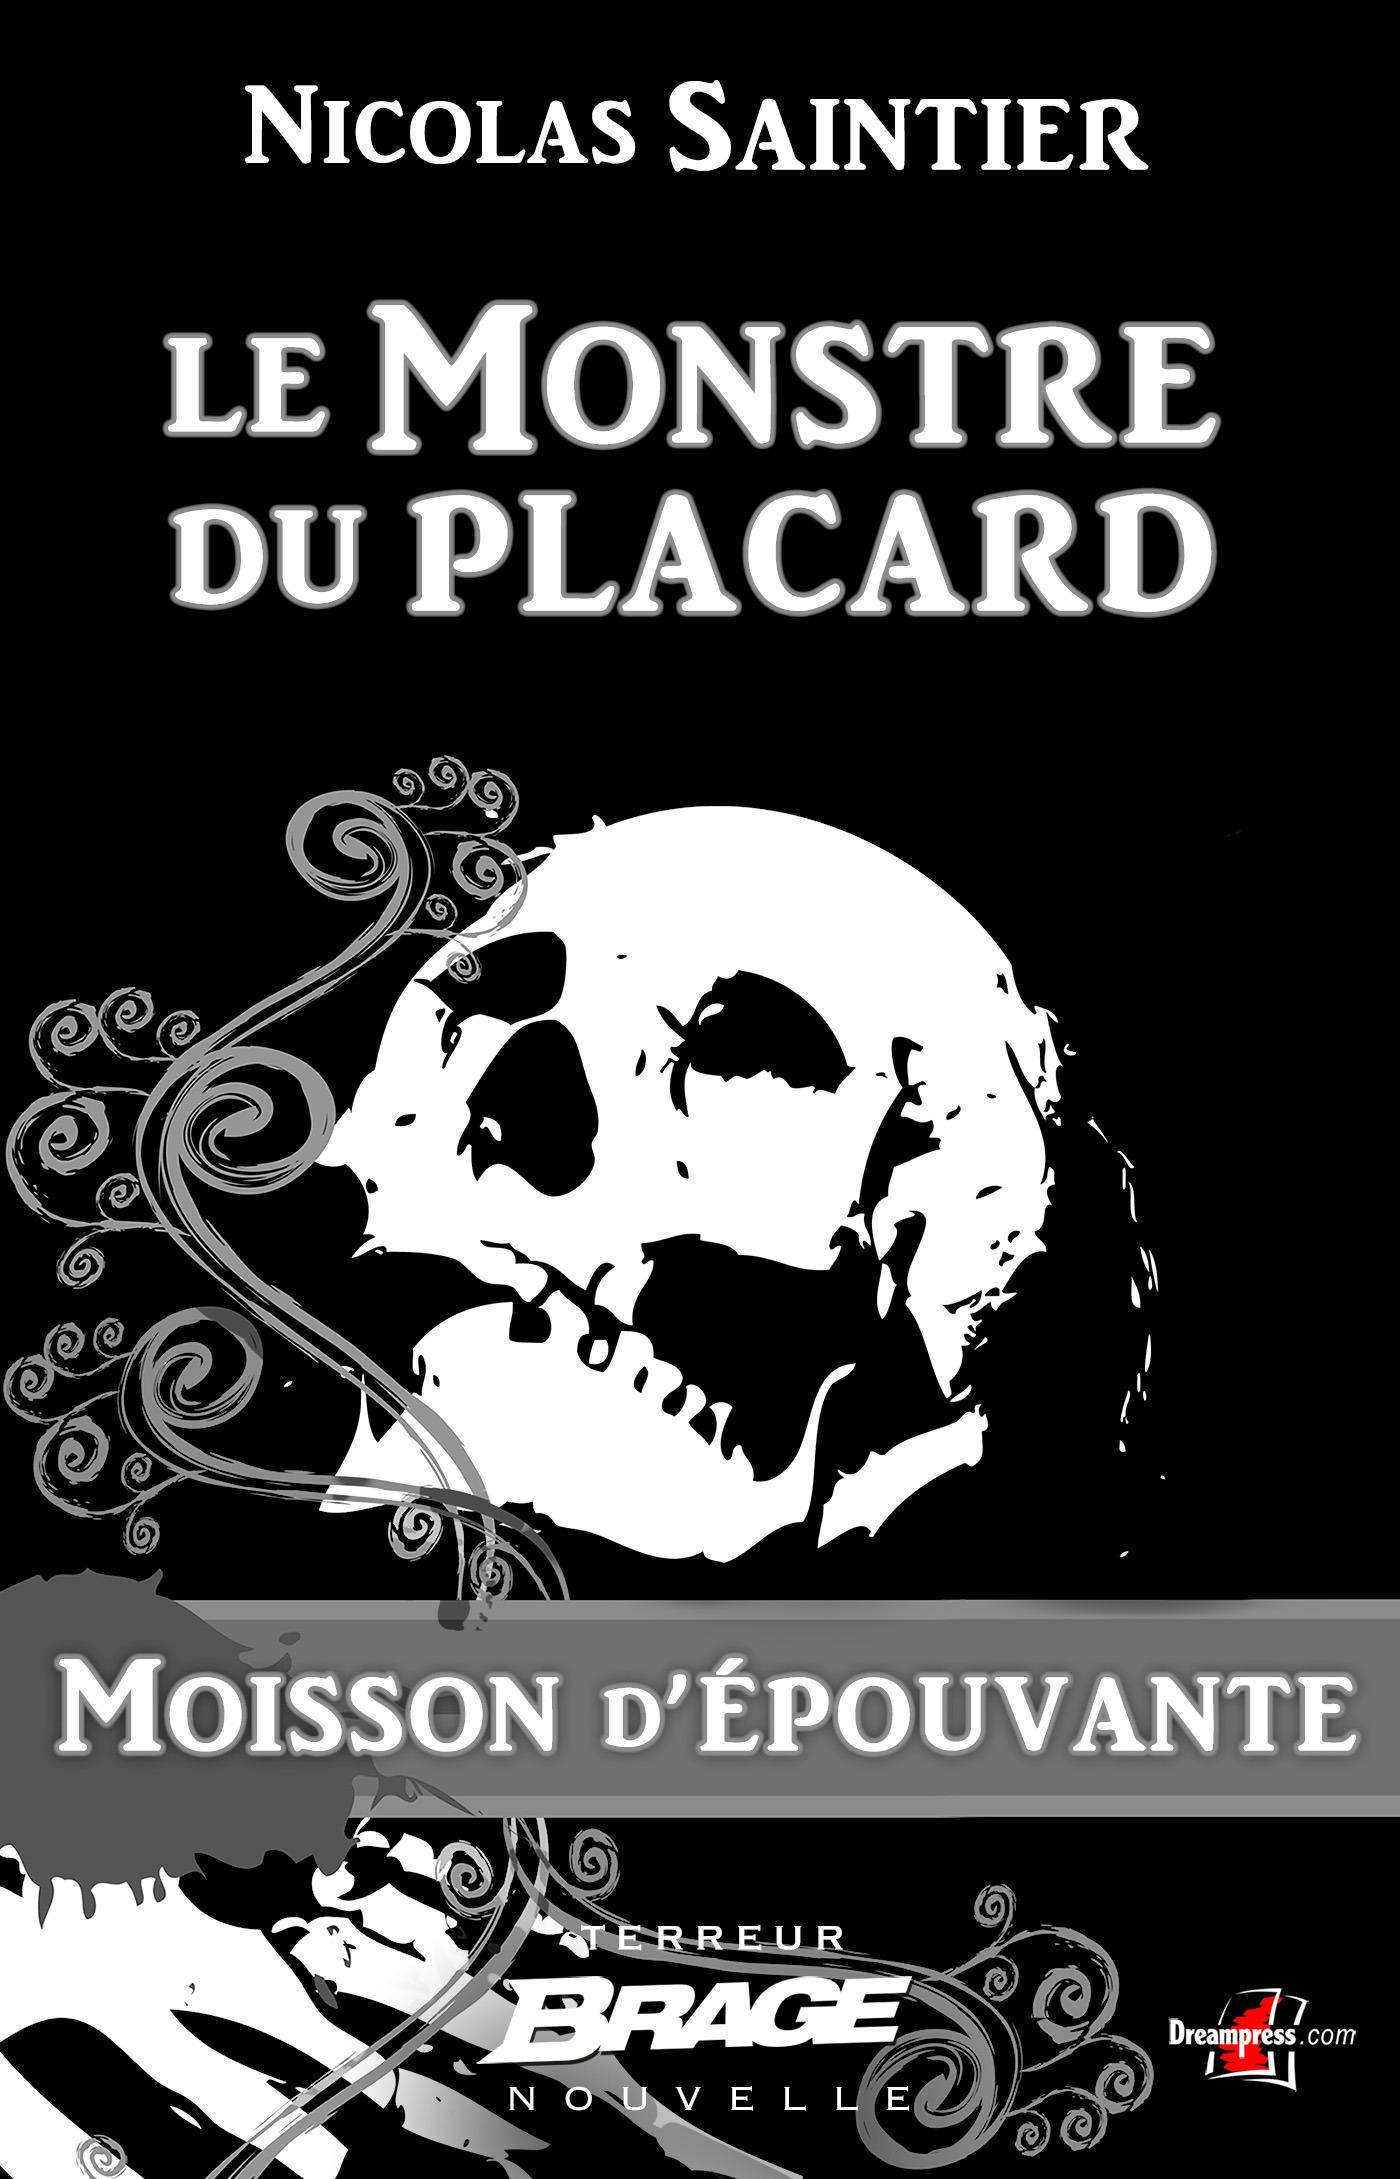 Le Monstre du placard - Moisson d'épouvante